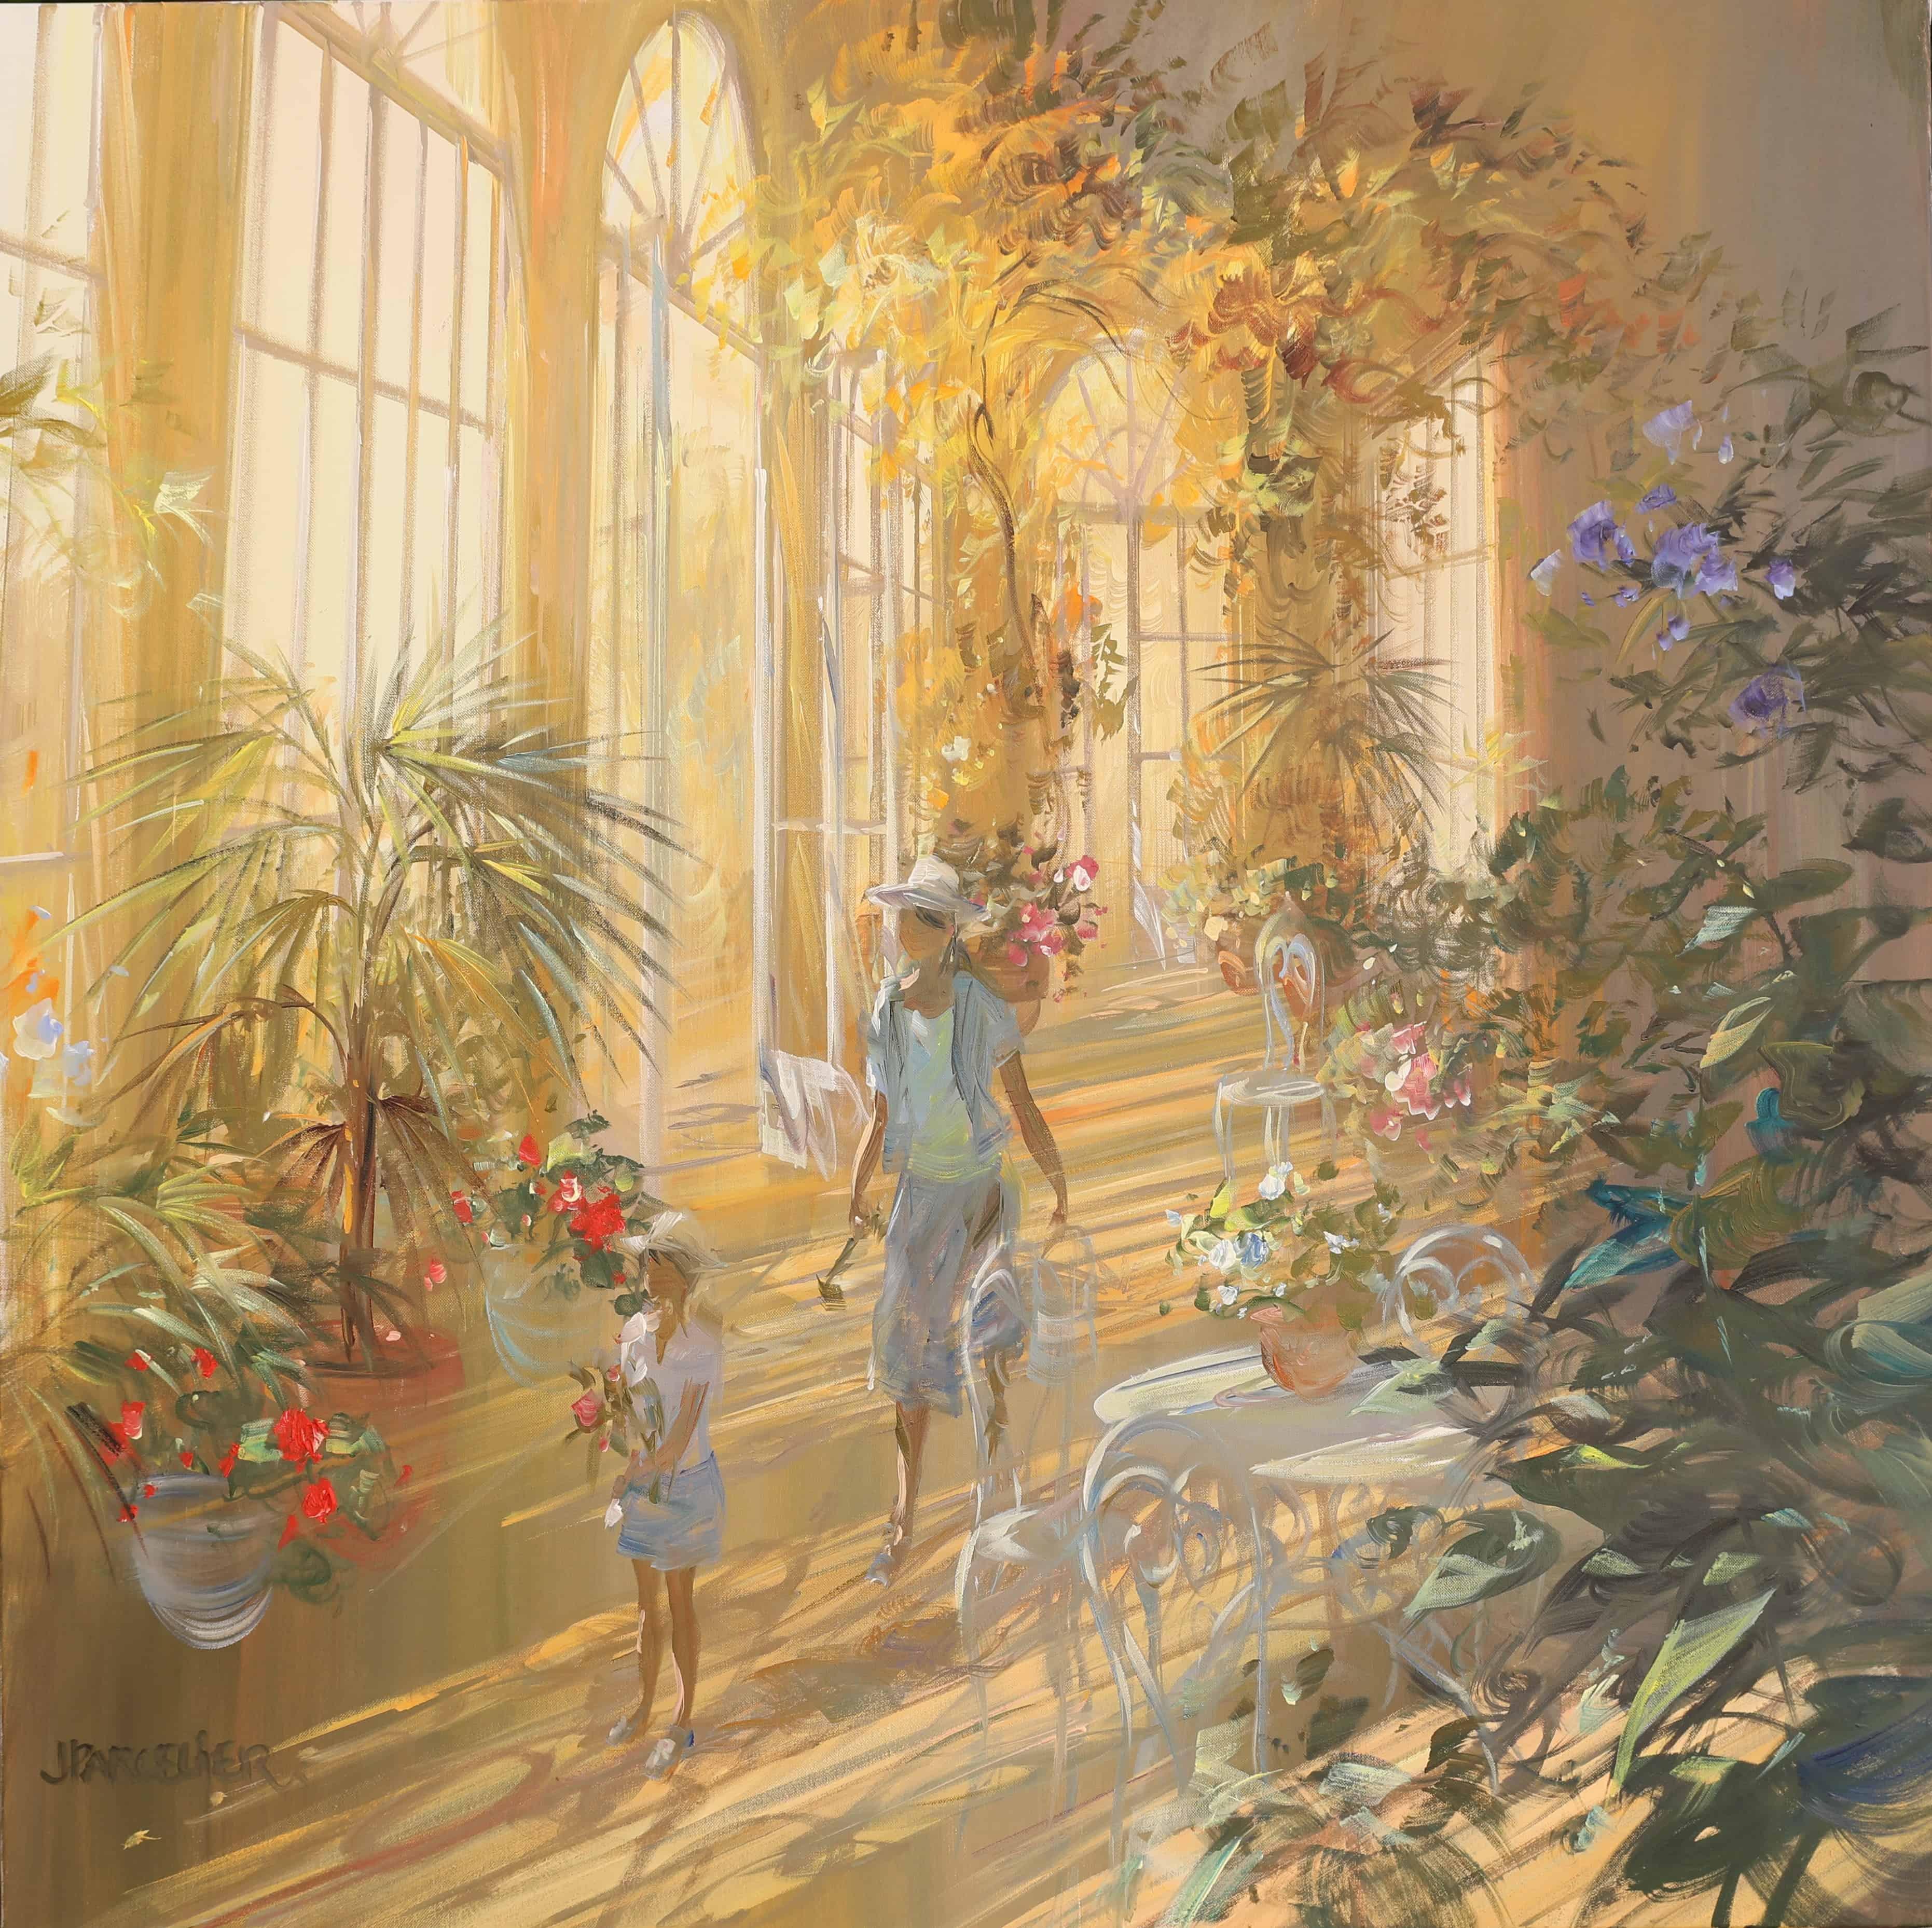 Laurent PARCELIER Artiste Peintre Galerie d'Art Sylvie Platini Lyon Annecy